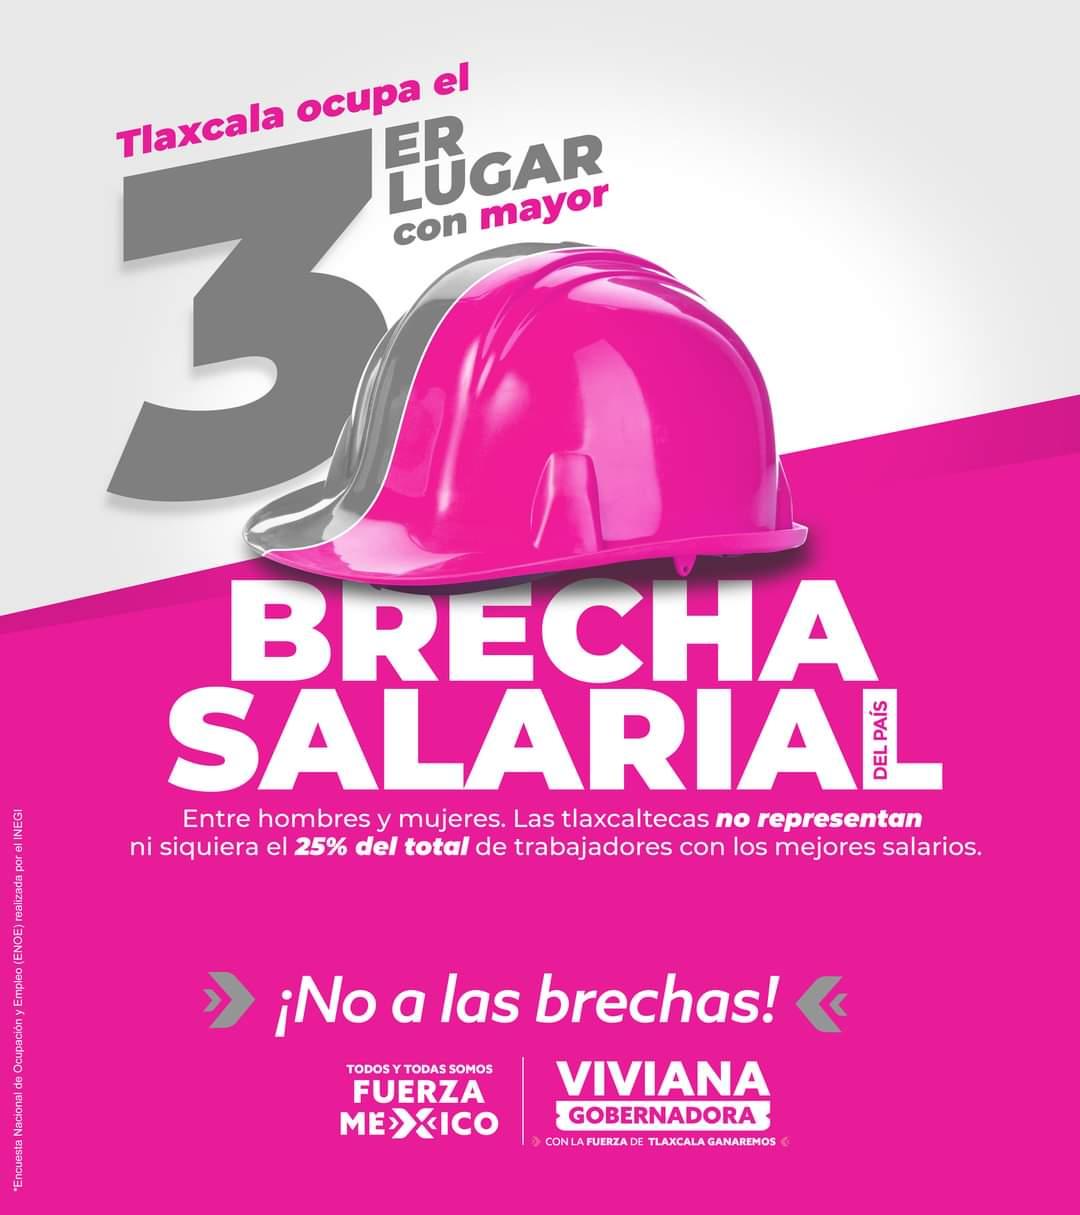 Viviana Barbosa romperá con la brecha salarial en Tlaxcala